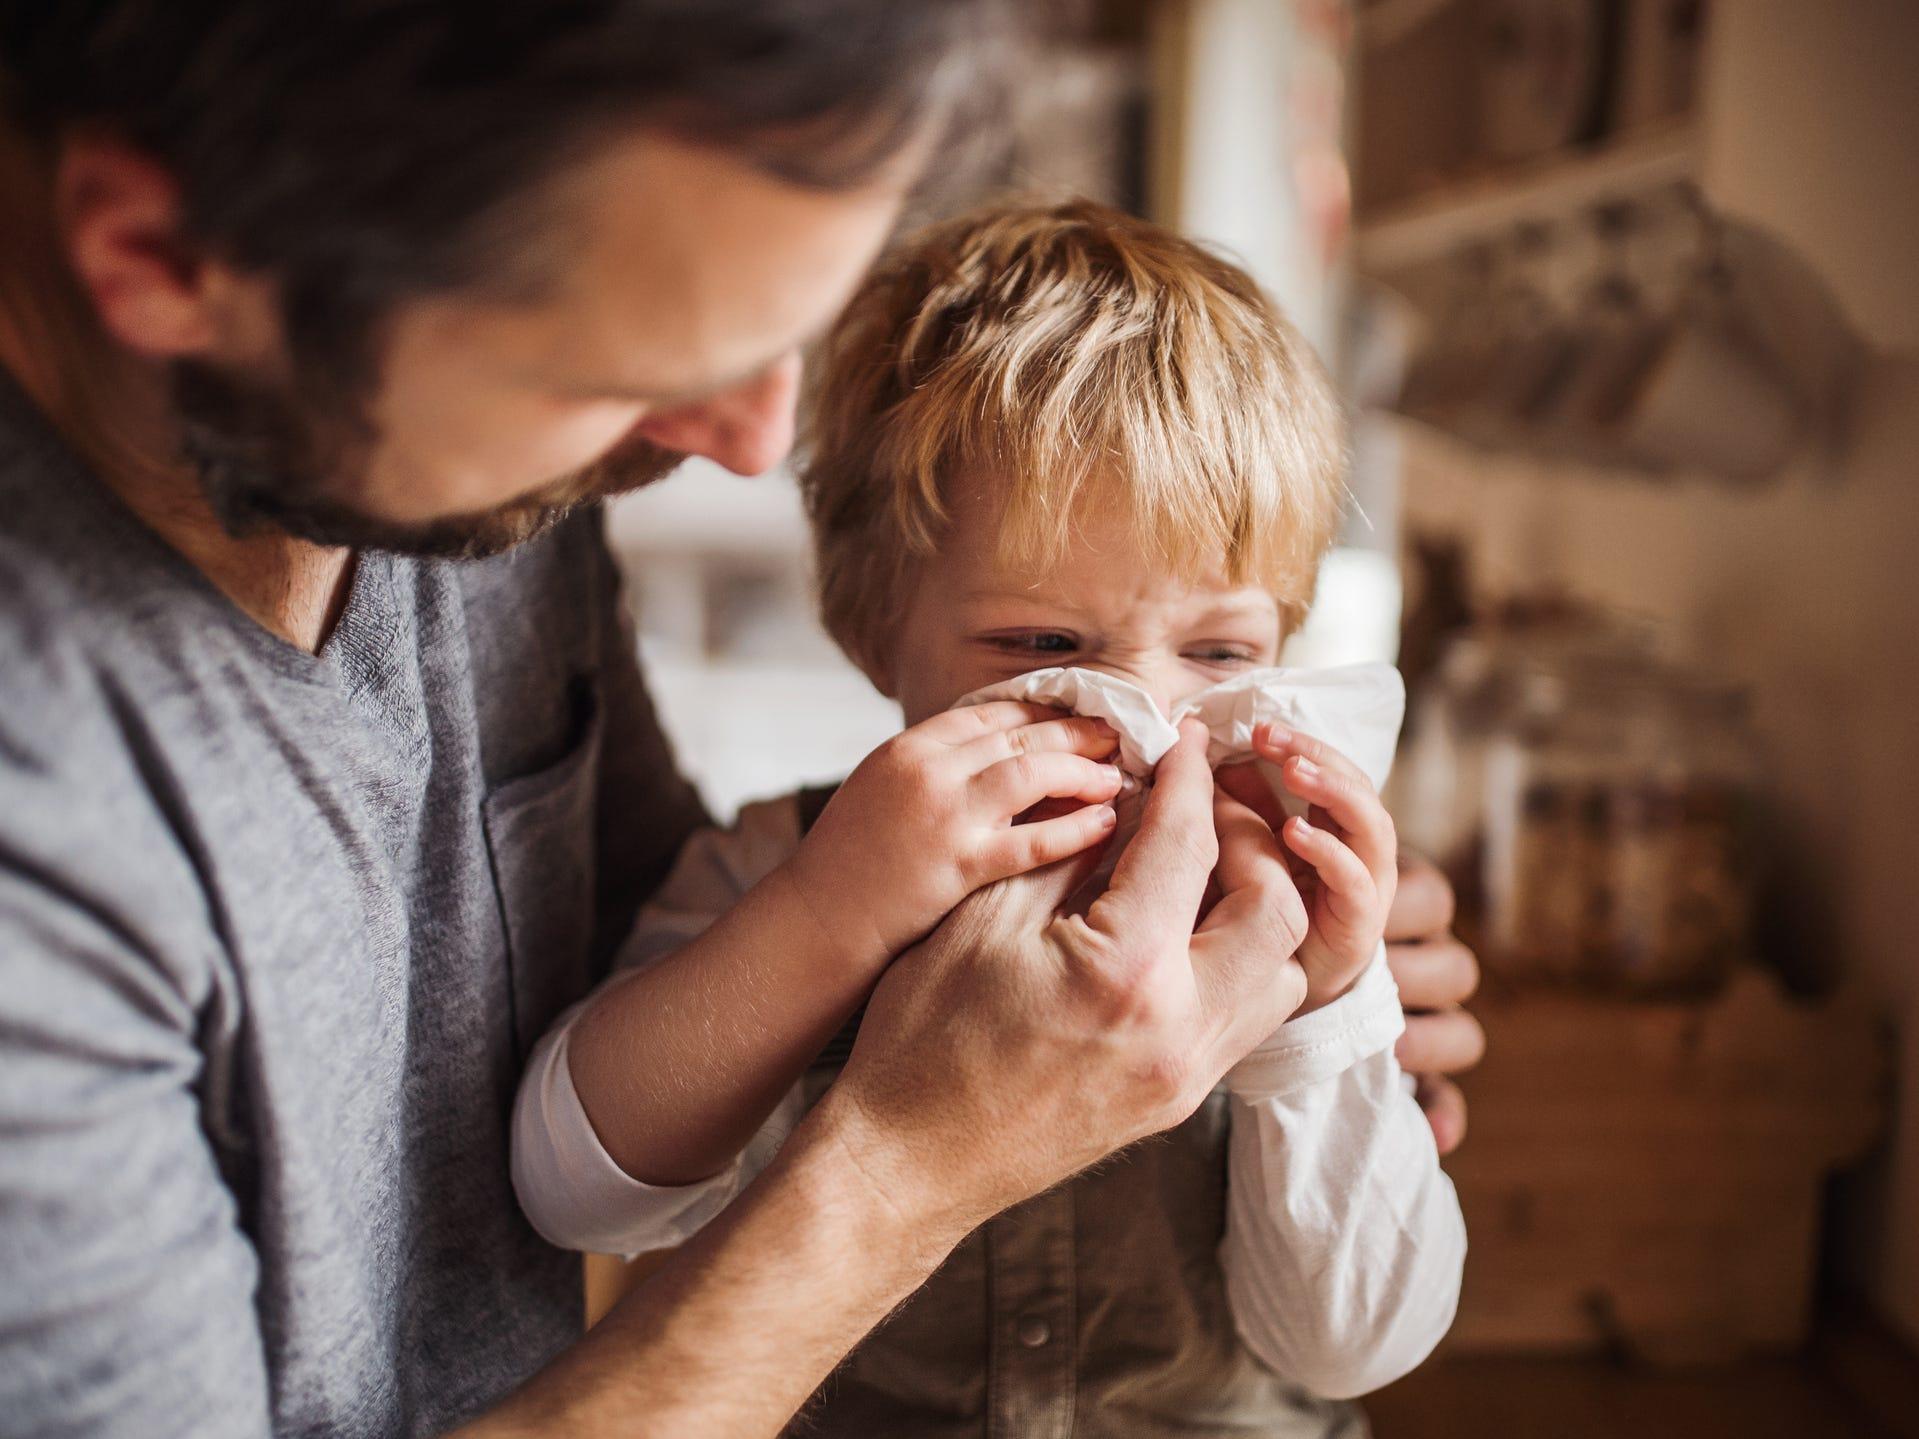 Hầu hết các bậc cha mẹ đều muốn biết dấu hiệu phân biệt giữa bị nhiễm Covid-19 và cảm lạnh thông thường /// Ảnh minh họa: Shutterstock